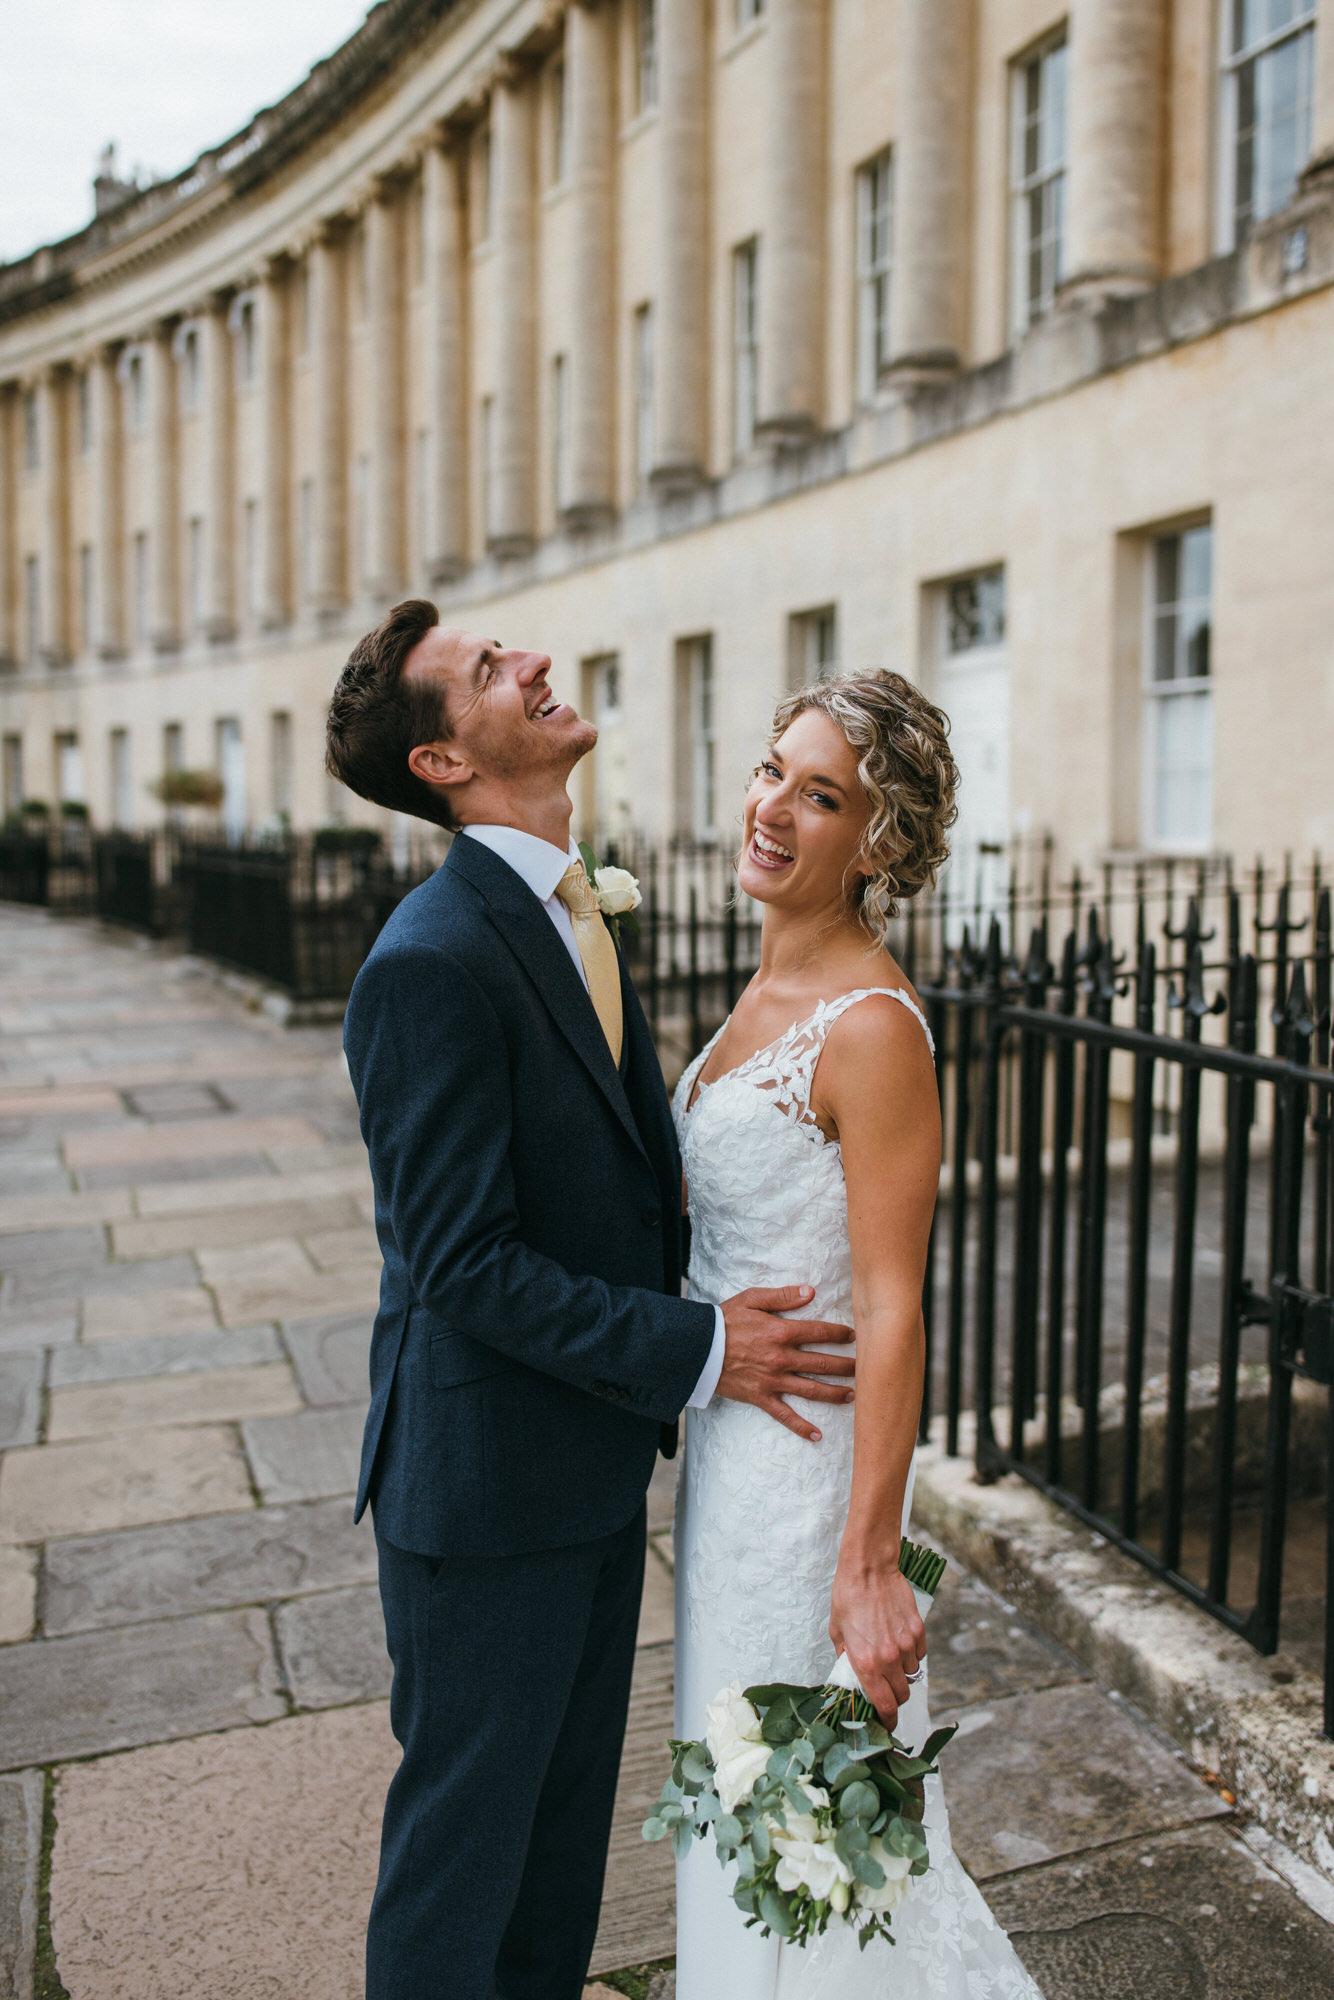 Wedding at Royal crescent Hotel